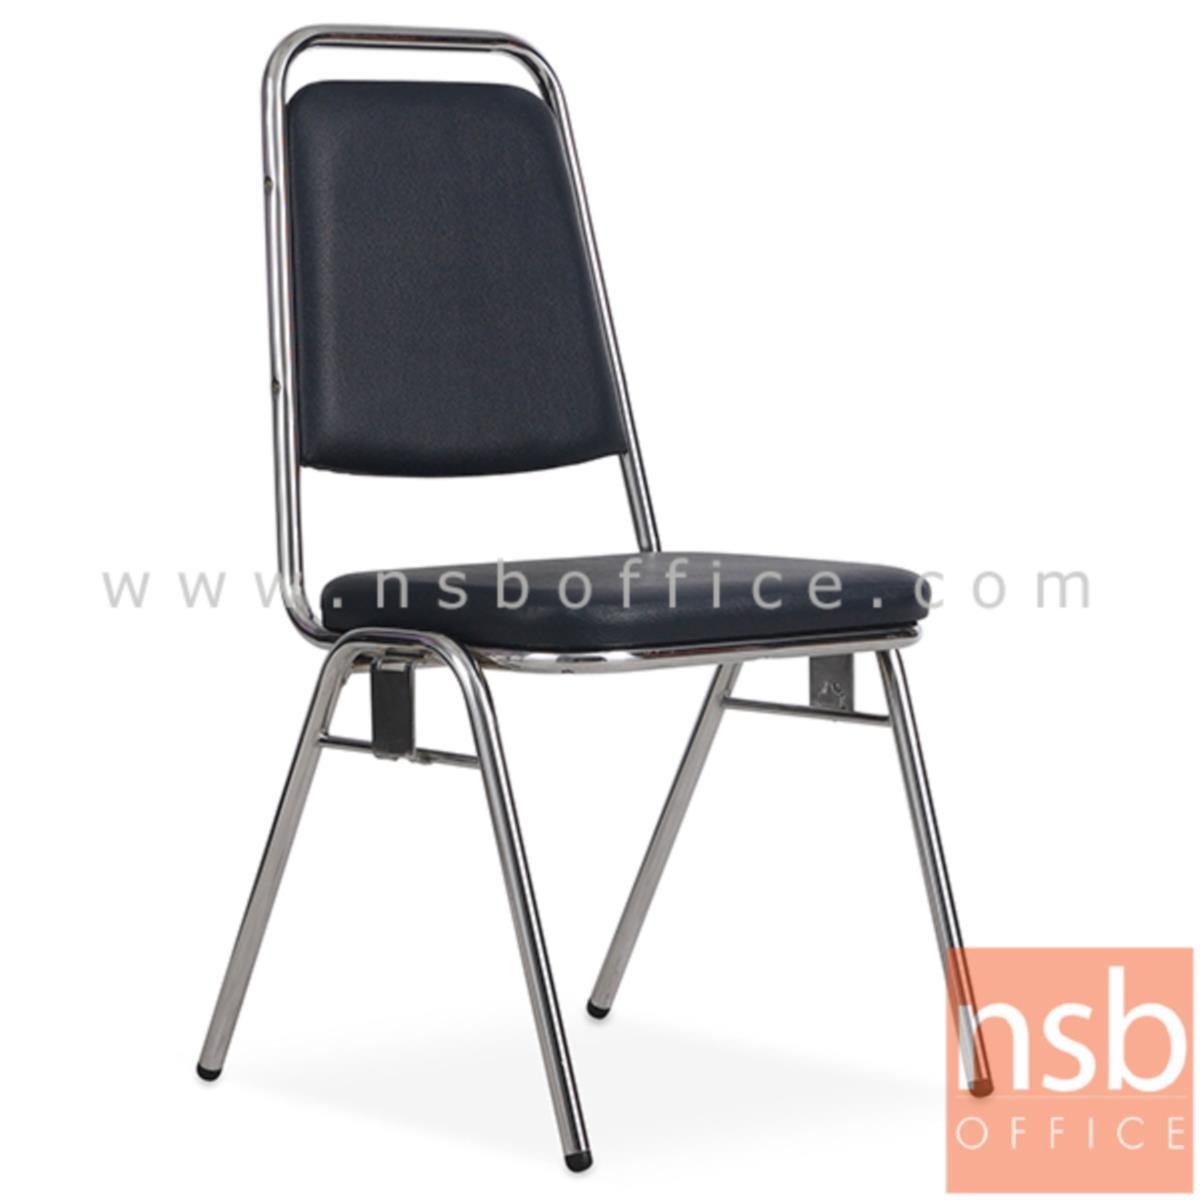 B05A079:เก้าอี้อเนกประสงค์จัดเลี้ยง รุ่น TY-701ACC  ขาเหล็กชุบโครเมี่ยม